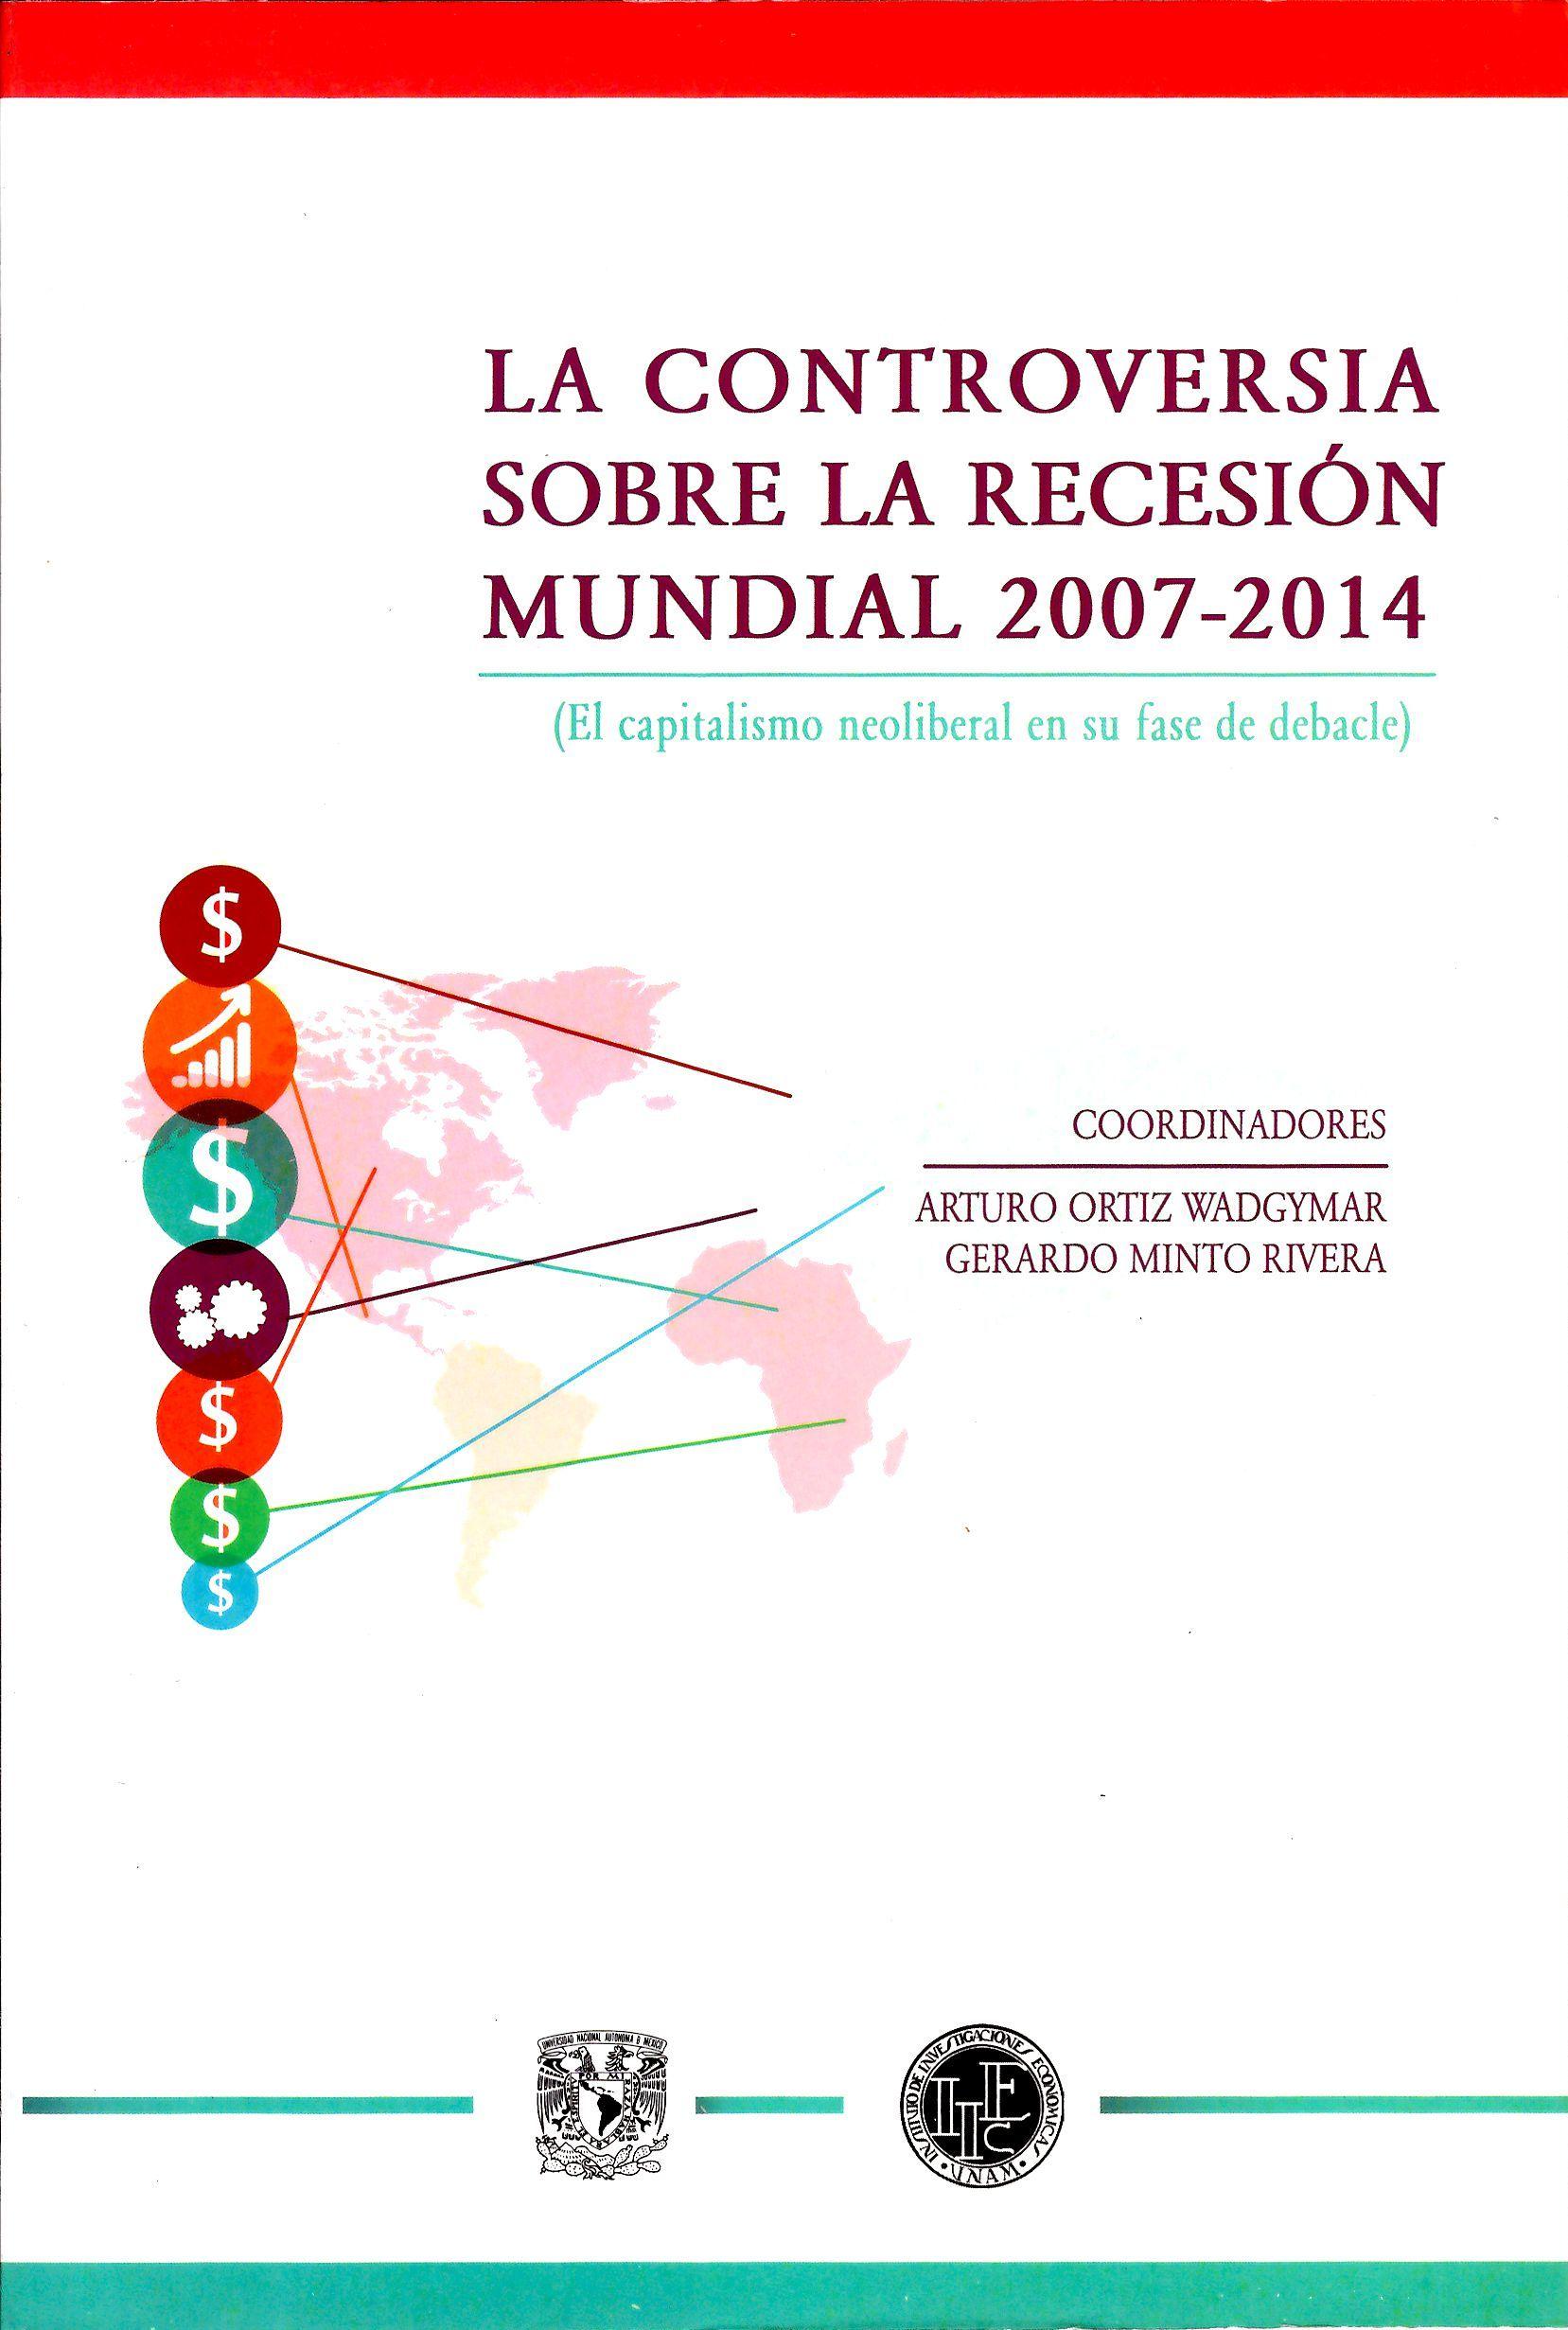 La controversia sobre la recesión mundial 2007-2014